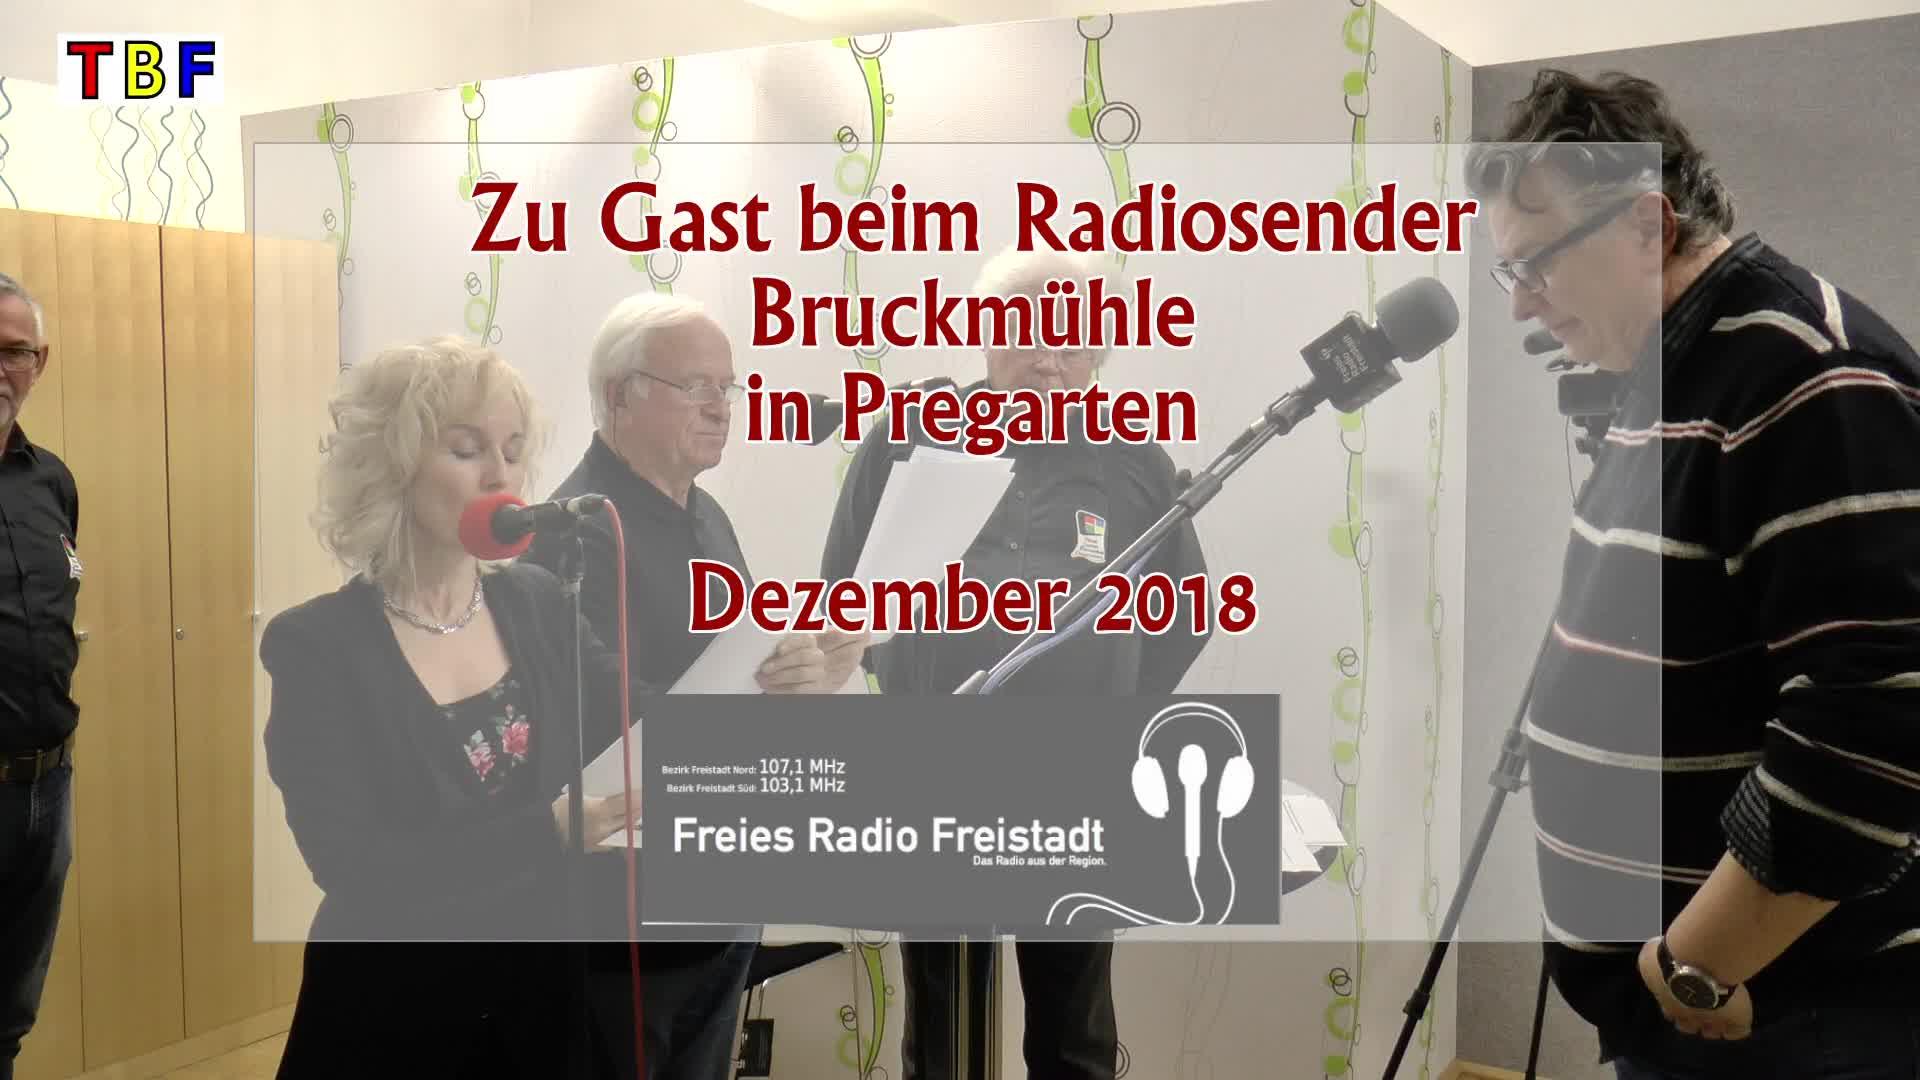 Zu Gast beim Radio Bruckmühle